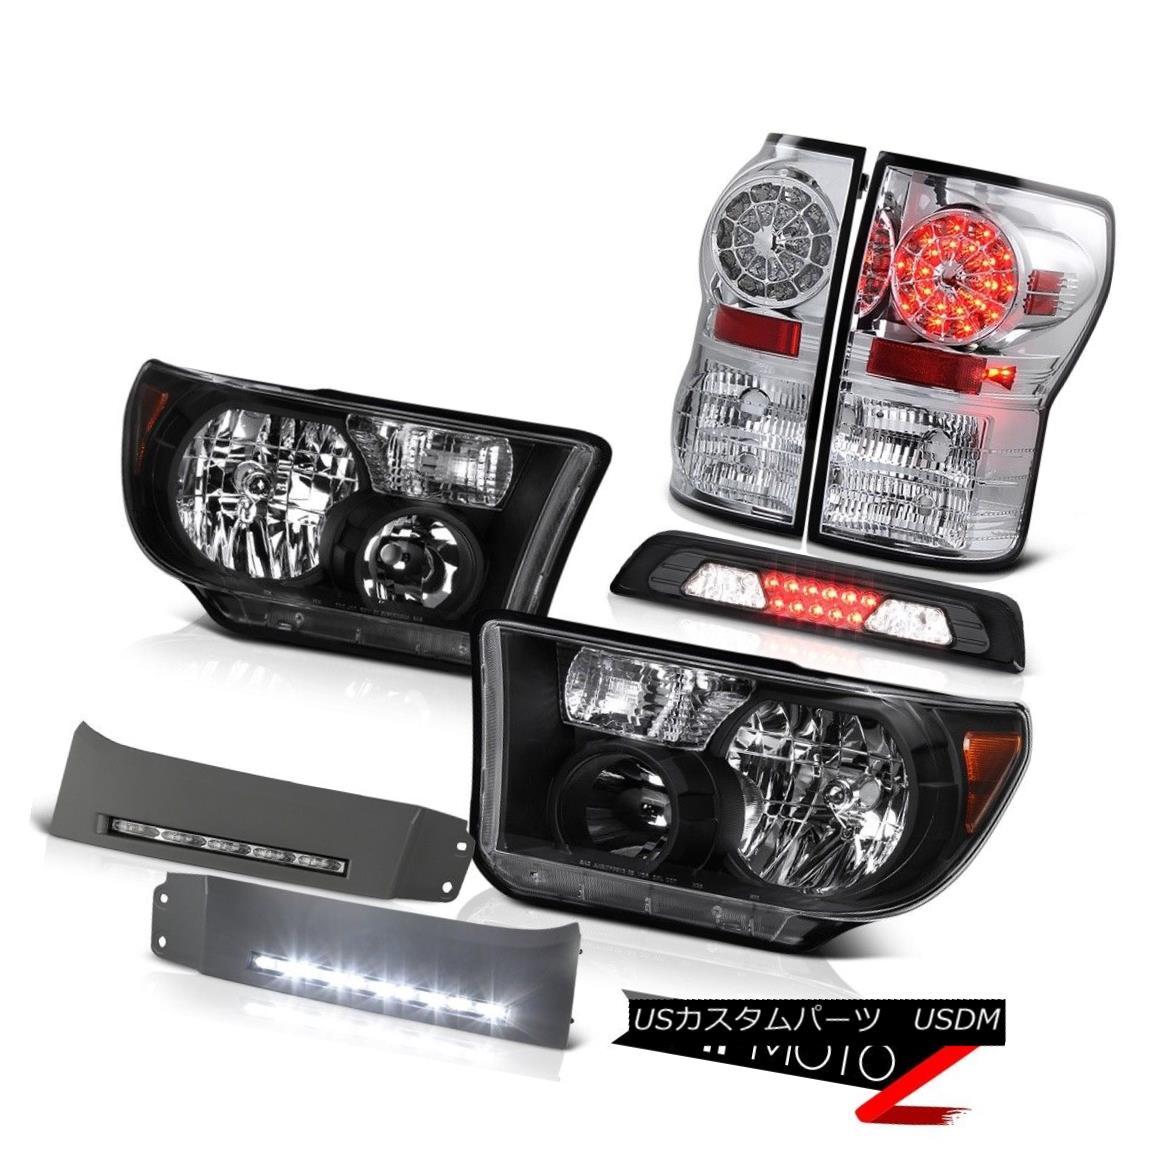 テールライト 07-13 Toyota Tundra SR5 Headlights Bumper DRL Roof Brake Lamp Tail Lights SMD 07-13トヨタトンドラSR5ヘッドランプバンパーDRL屋根用ブレーキランプテールライトSMD